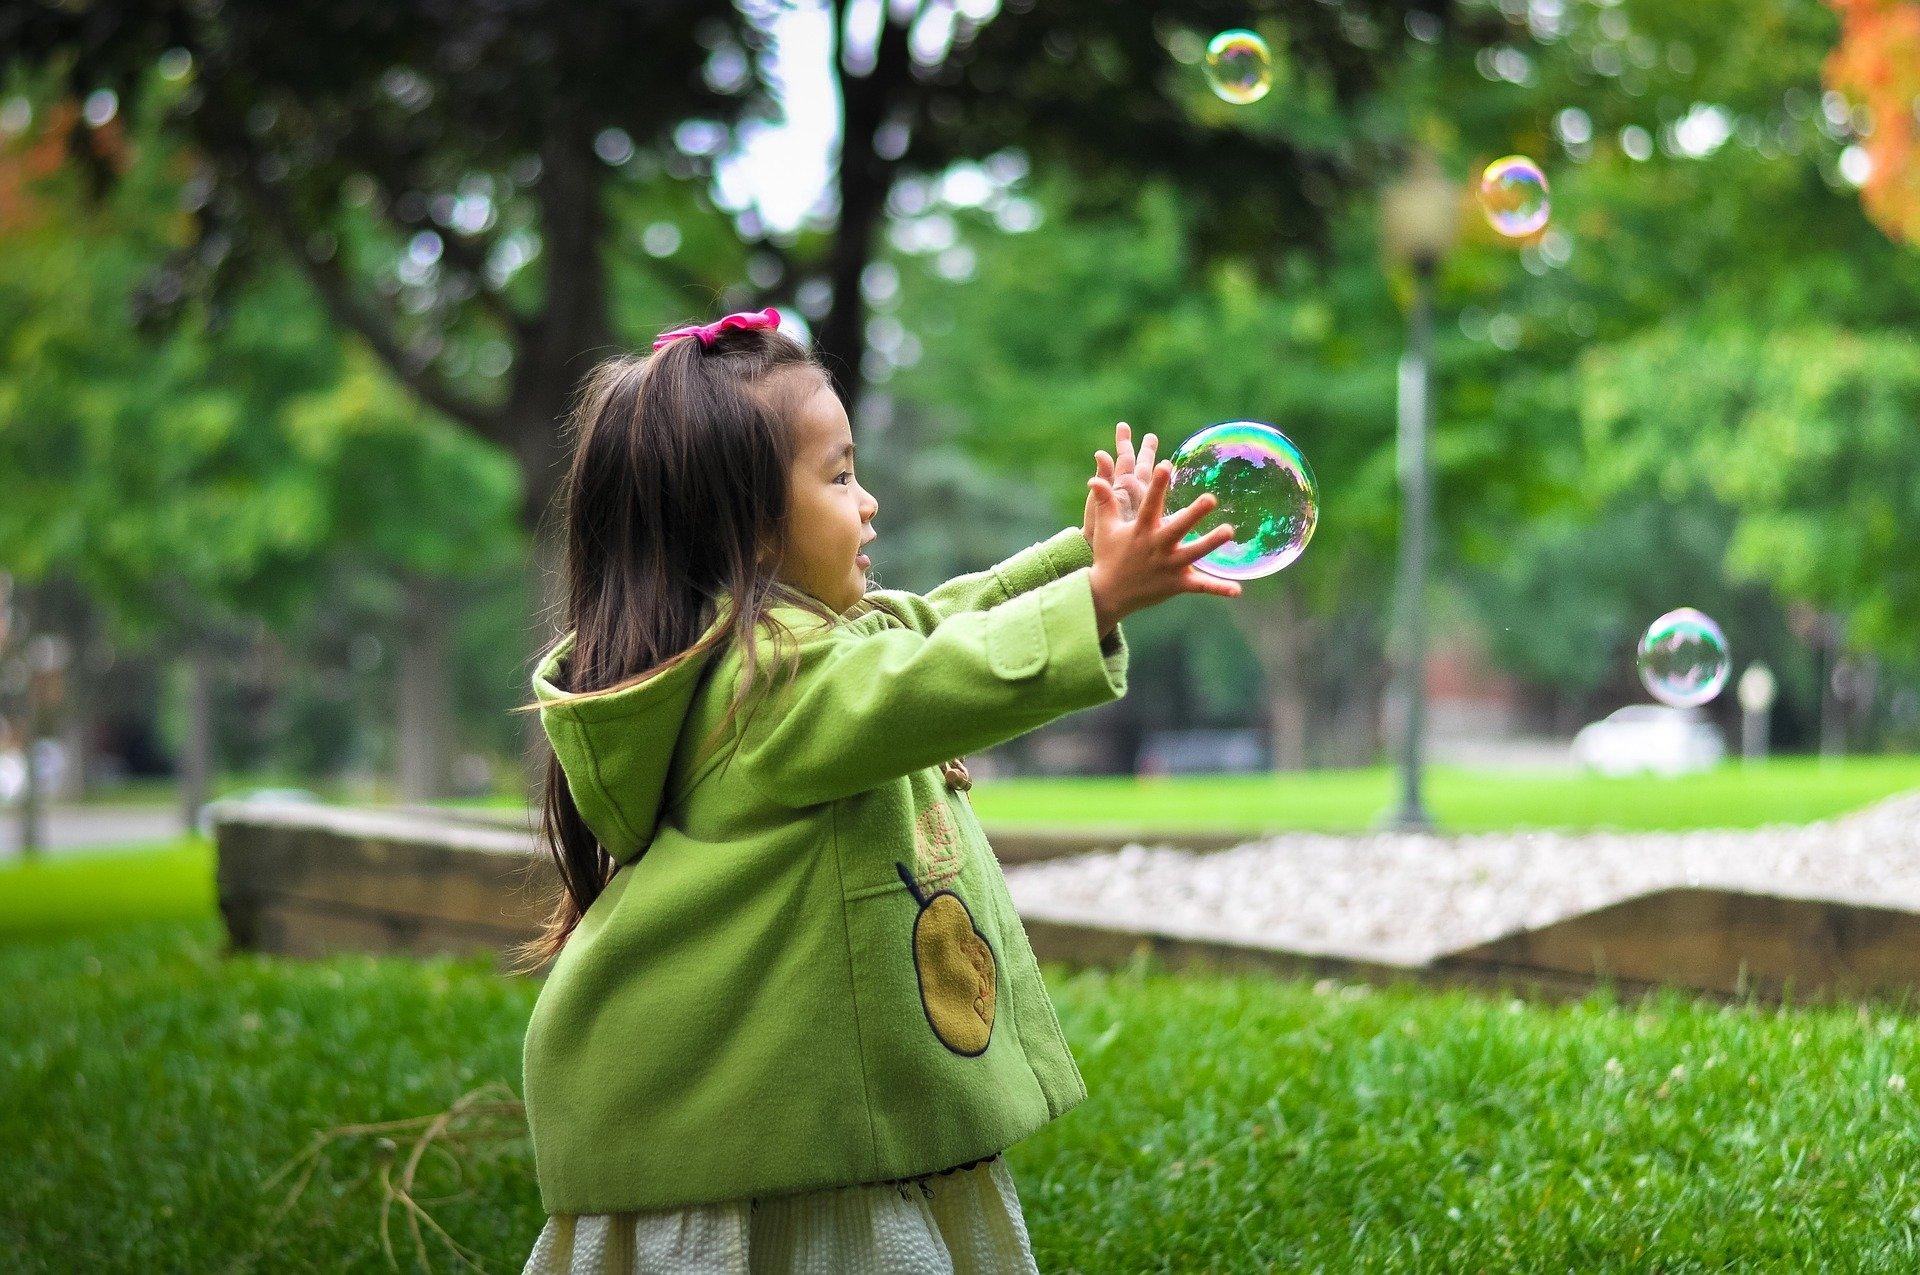 Kind_fängtSeifenblasen_DeineKinderbetreuung